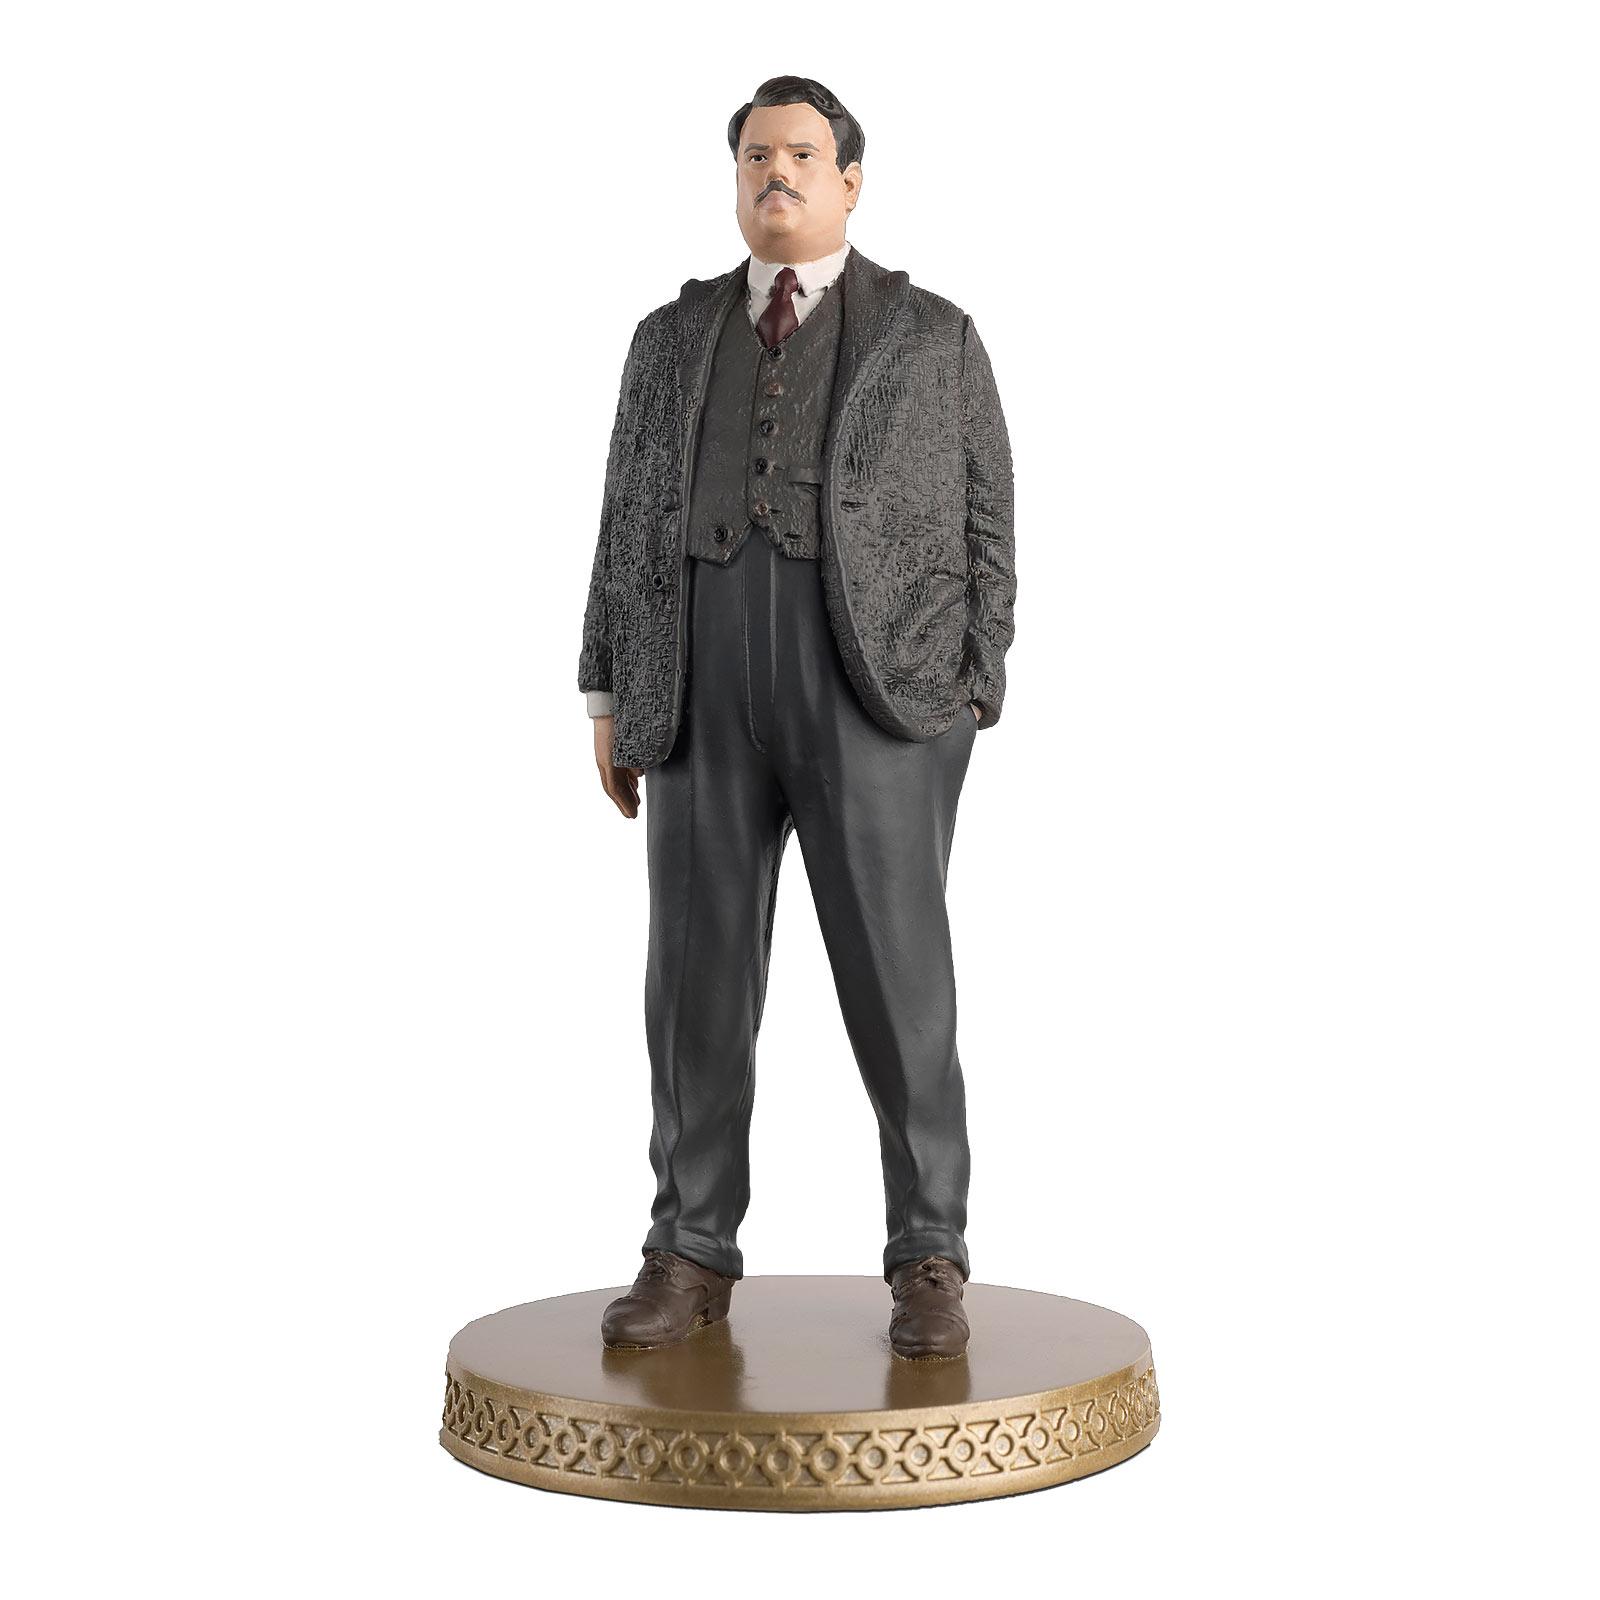 Jacob Kowalski Hero Collector Figur 11 cm - Phantastische Tierwesen